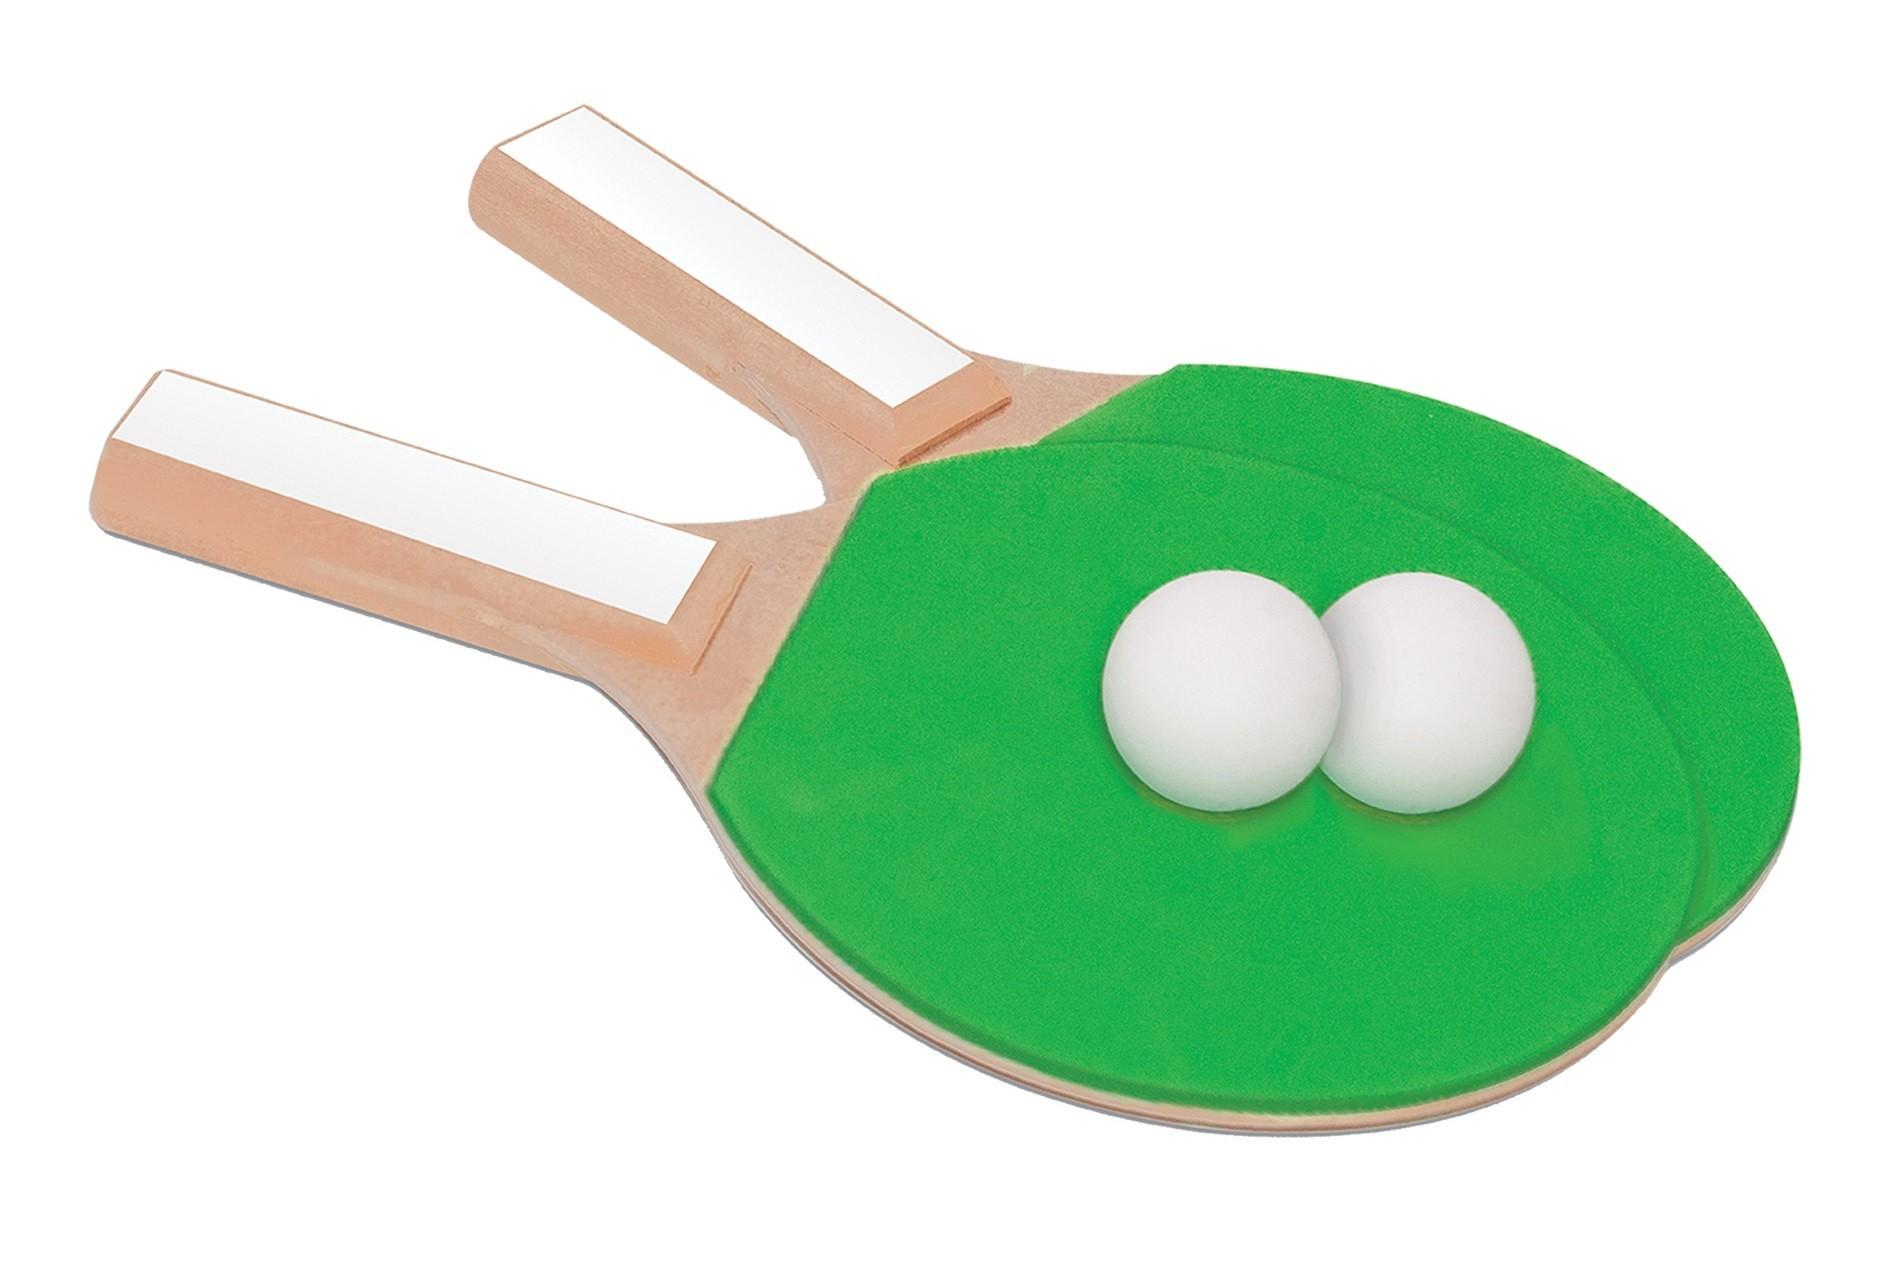 Jogo De Ping Pong Raquetes E Bolinhas Em MDF - 226